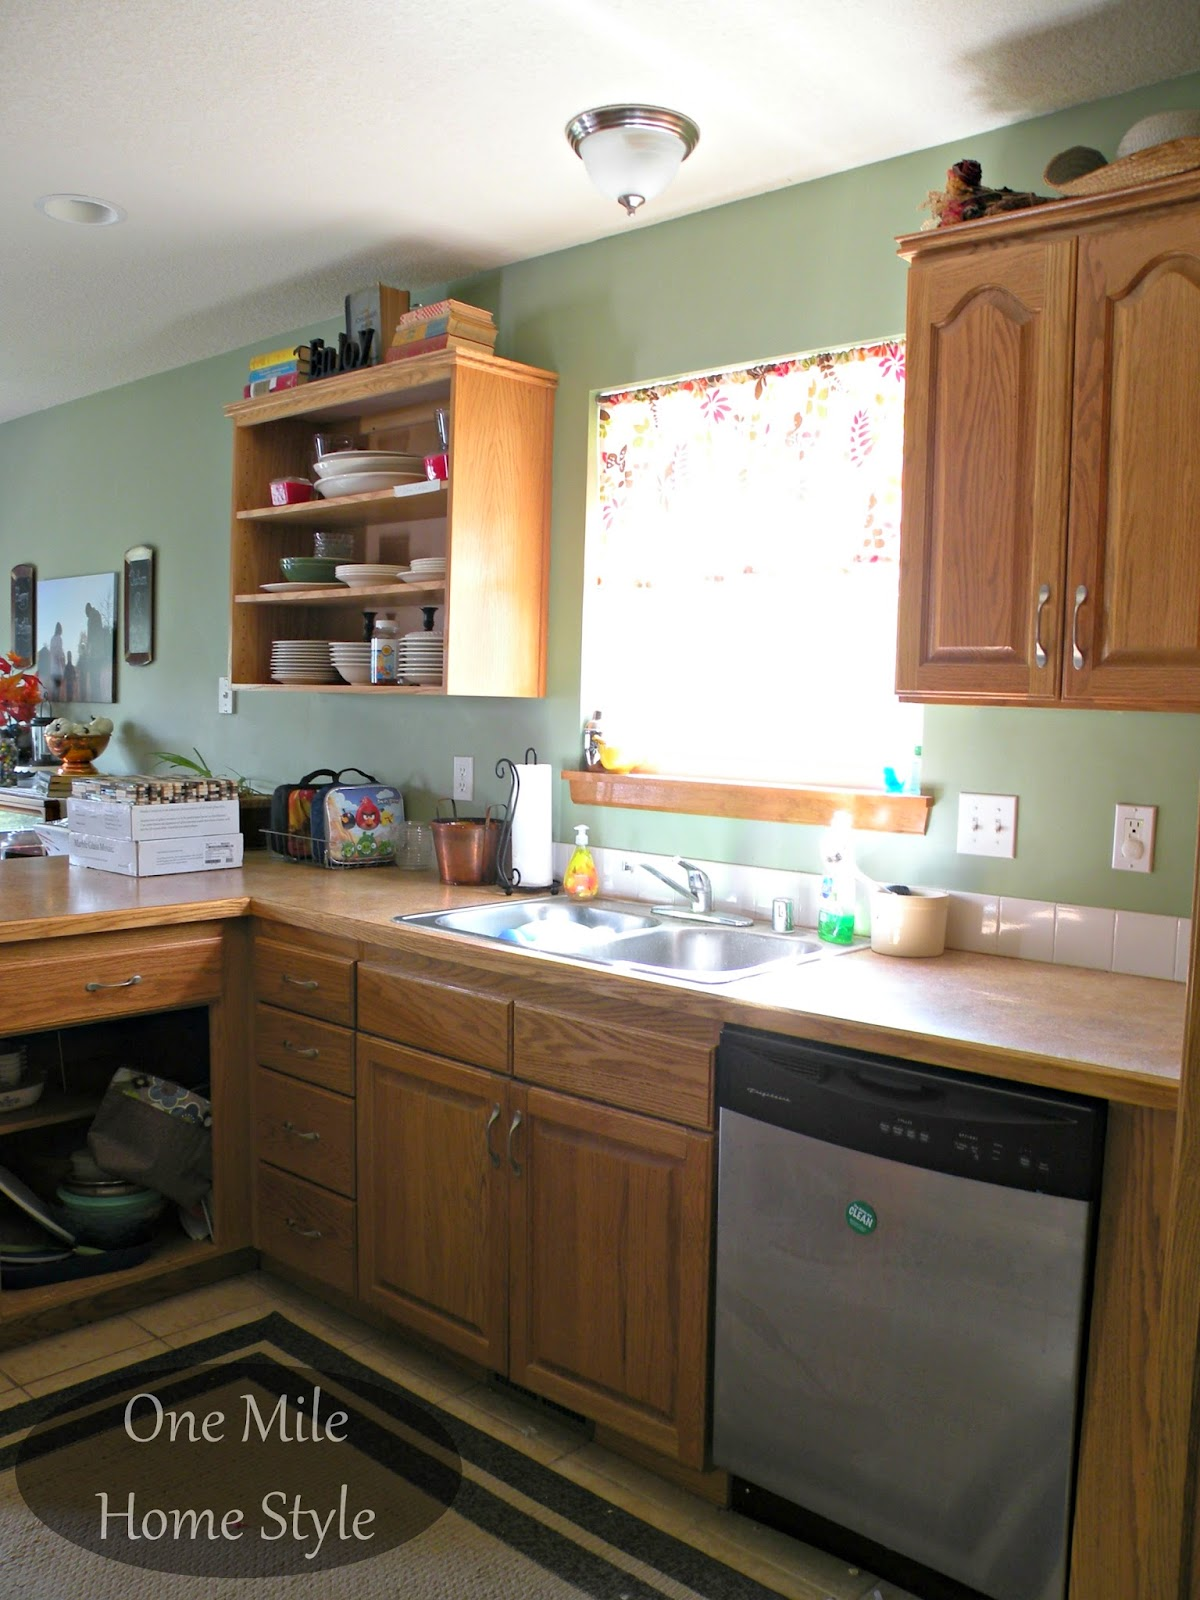 Builder basic kitchen before